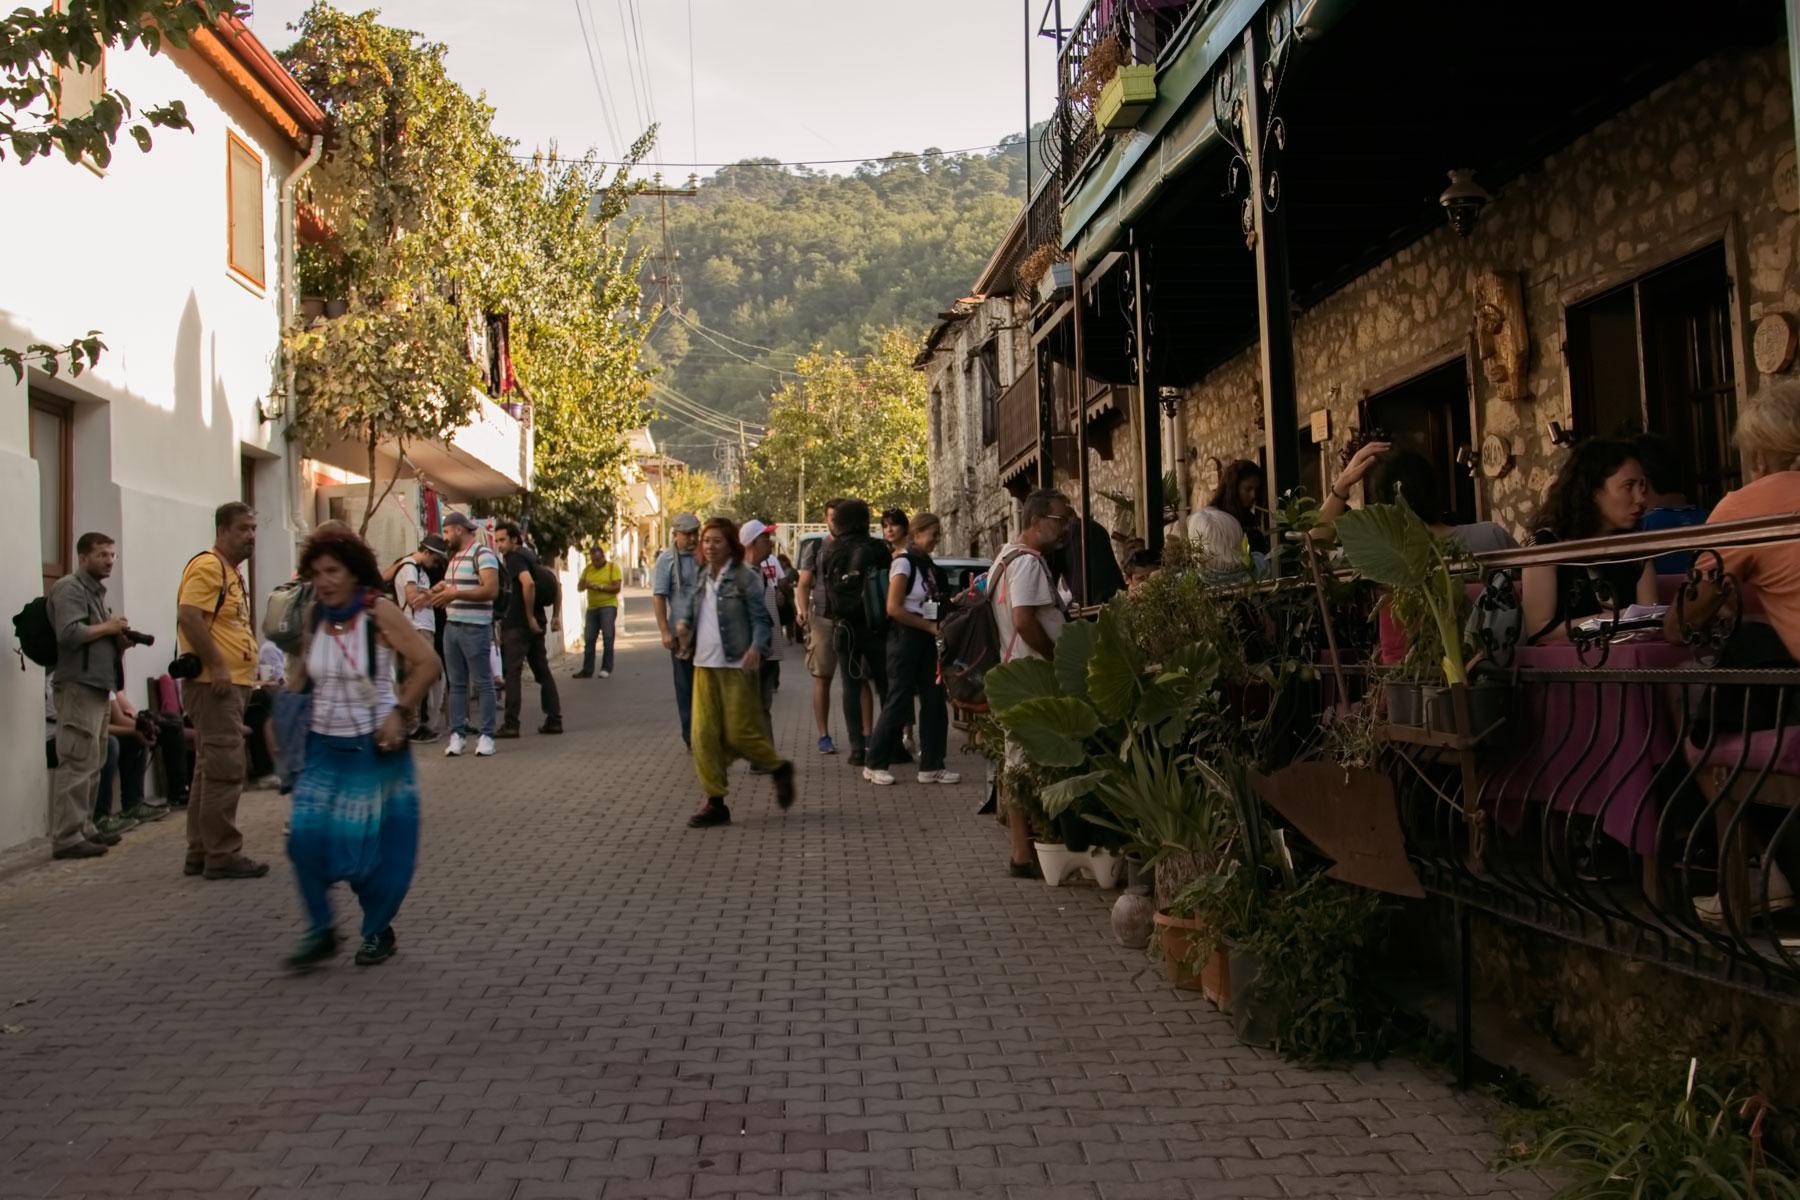 Fethiye gezi rehberi Fethiye gezilecek yerler Çekergezer Hakan Aydın Fotoğrafları Gezgin Fotoğrafçı www.cekergezer.com www.cekergezer.com